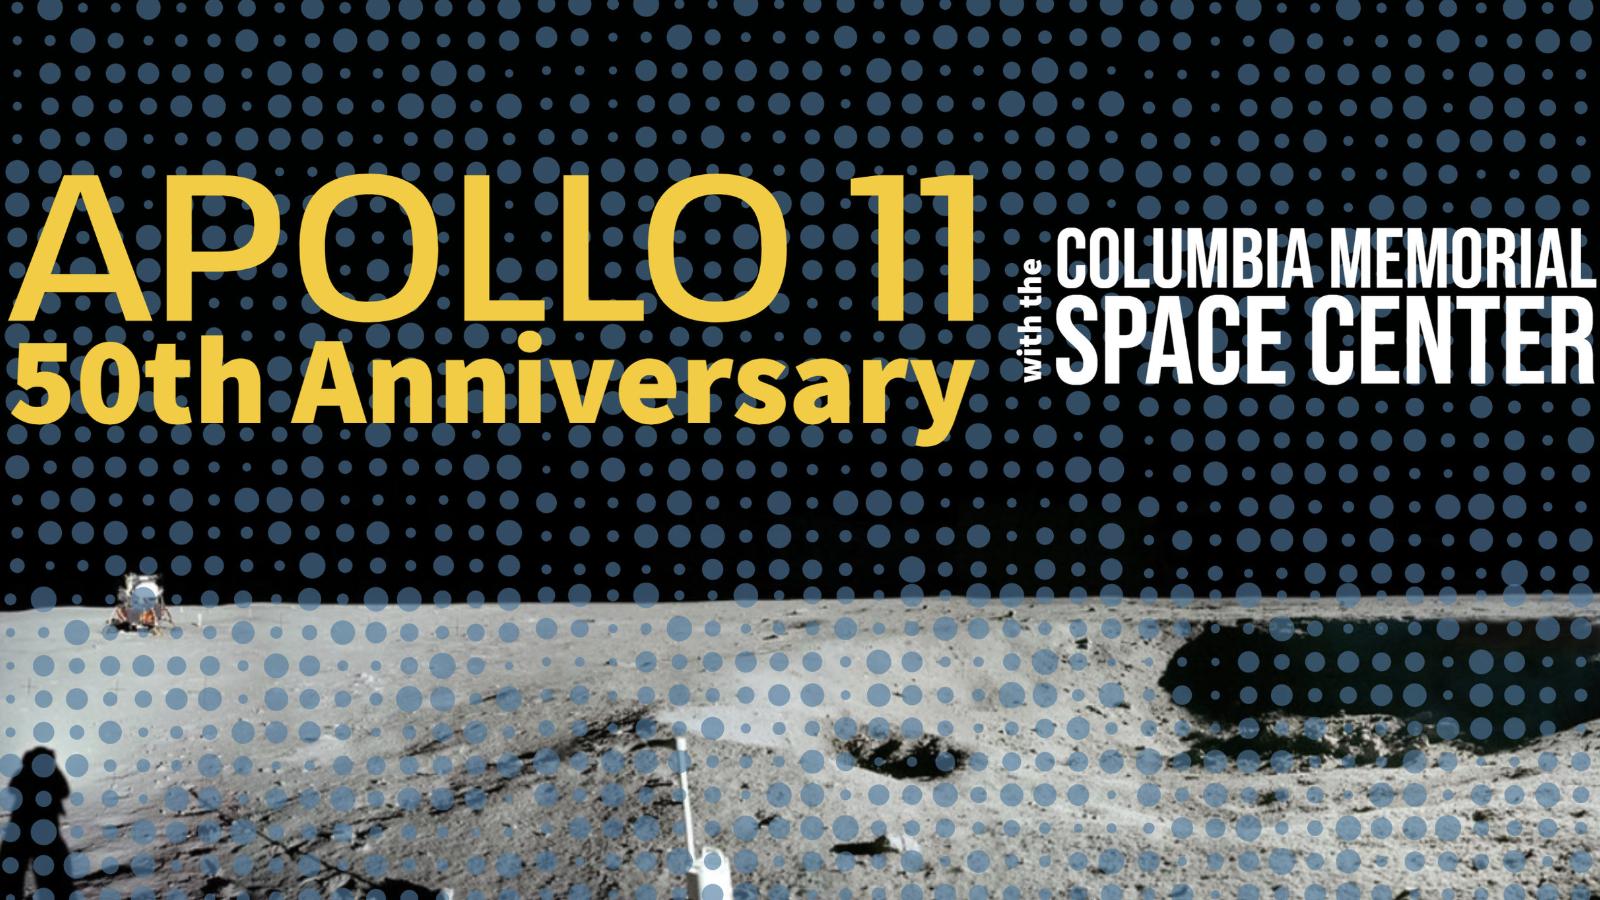 apollo 11 space mission - photo #37